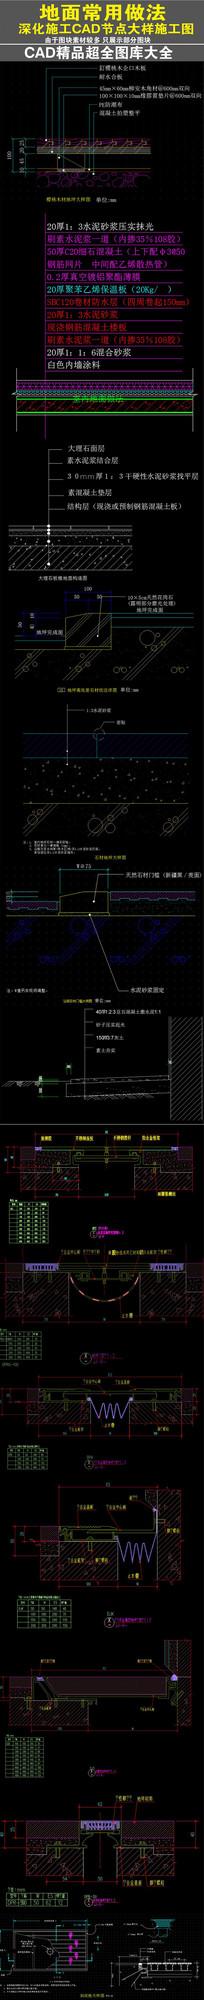 深化地面常用做法CAD图库